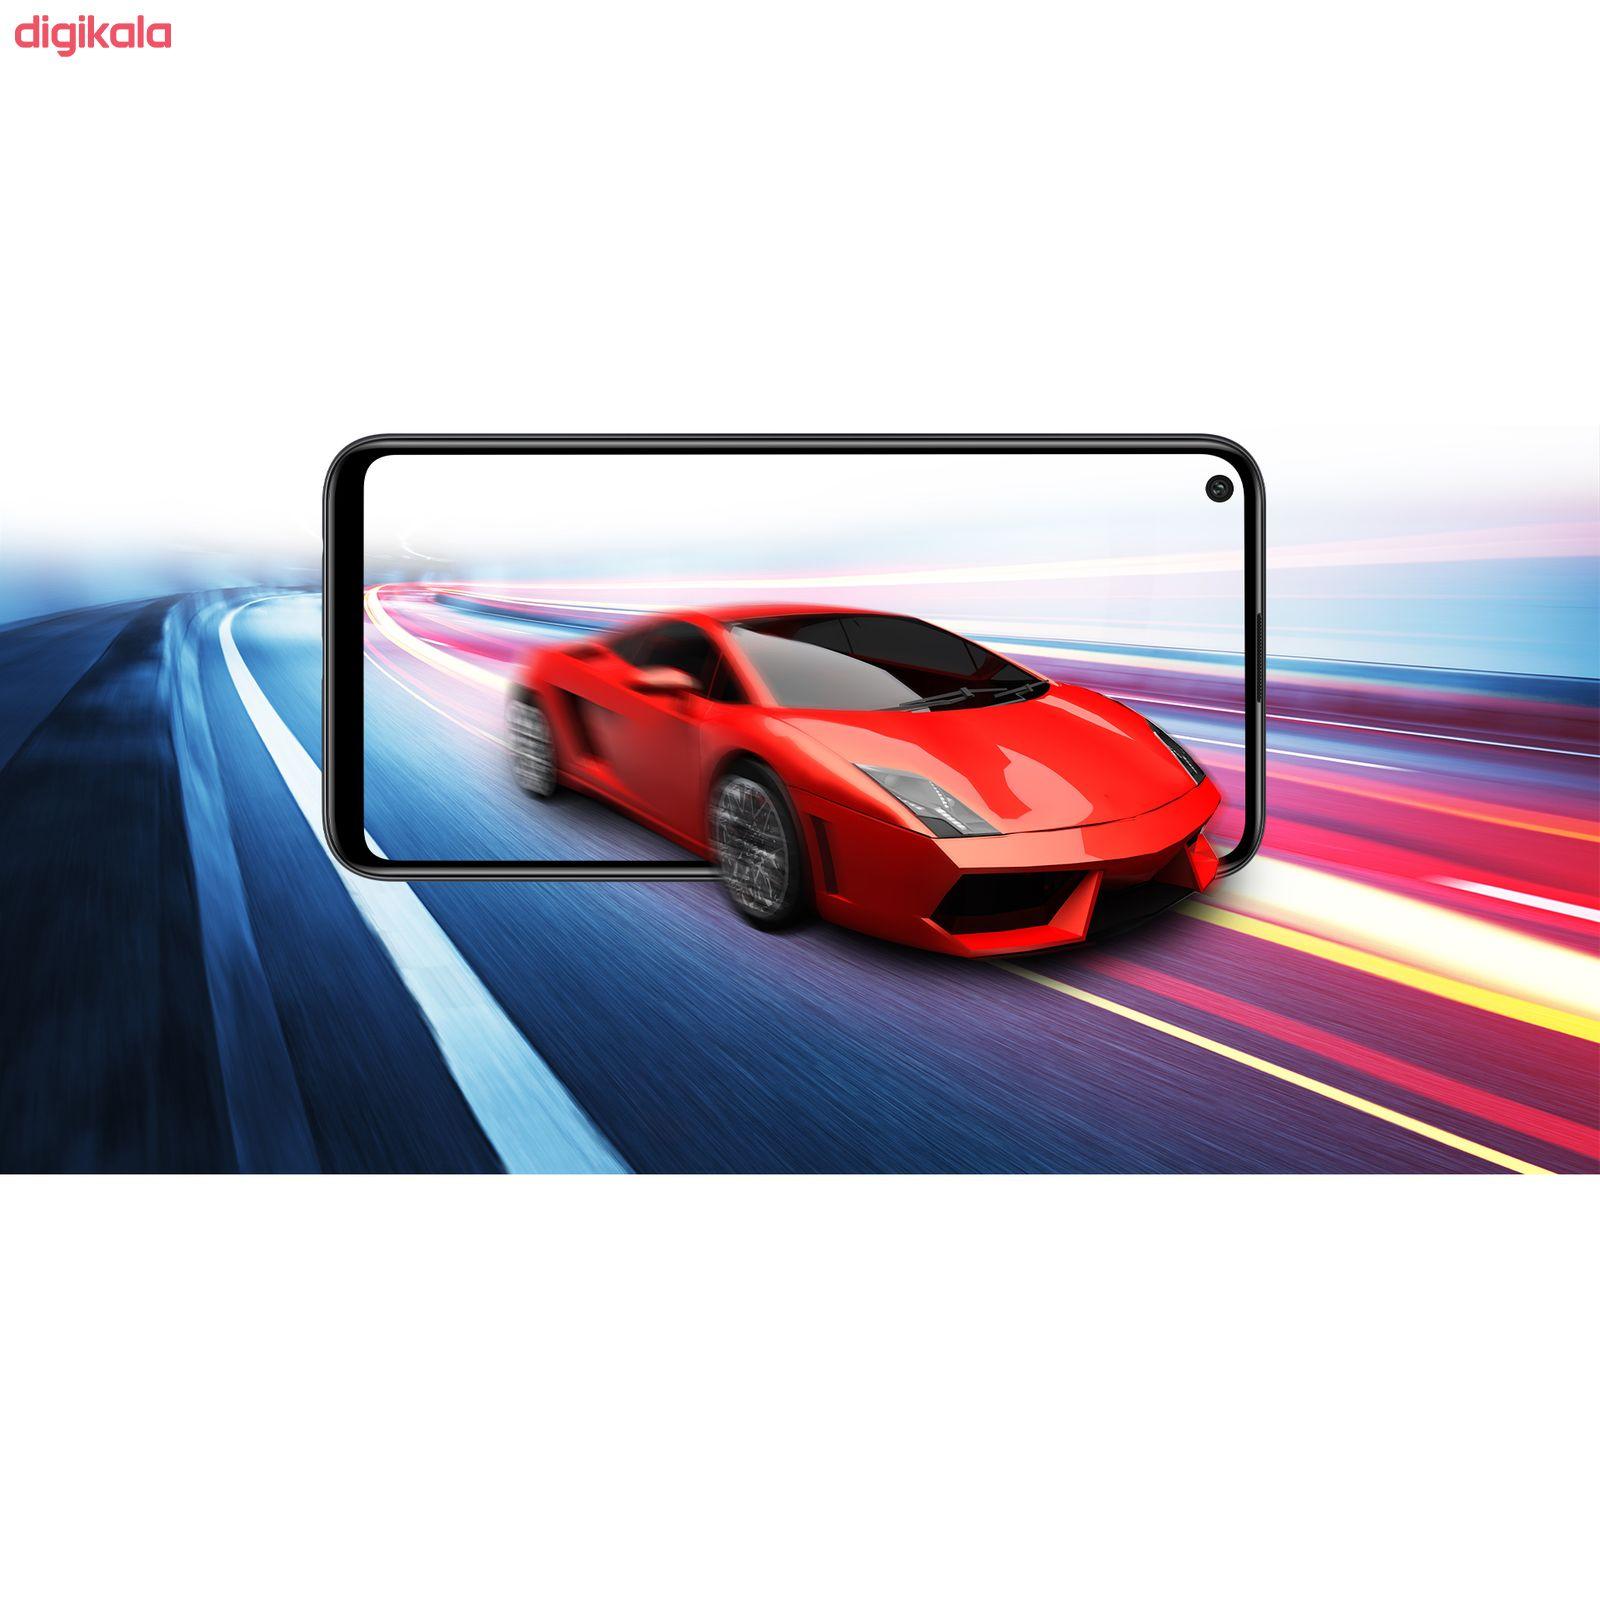 گوشی موبایل هوآوی مدل Huawei Y7p ART-L29 دو سیم کارت ظرفیت 64 گیگابایت به همراه کارت حافظه هدیه main 1 16